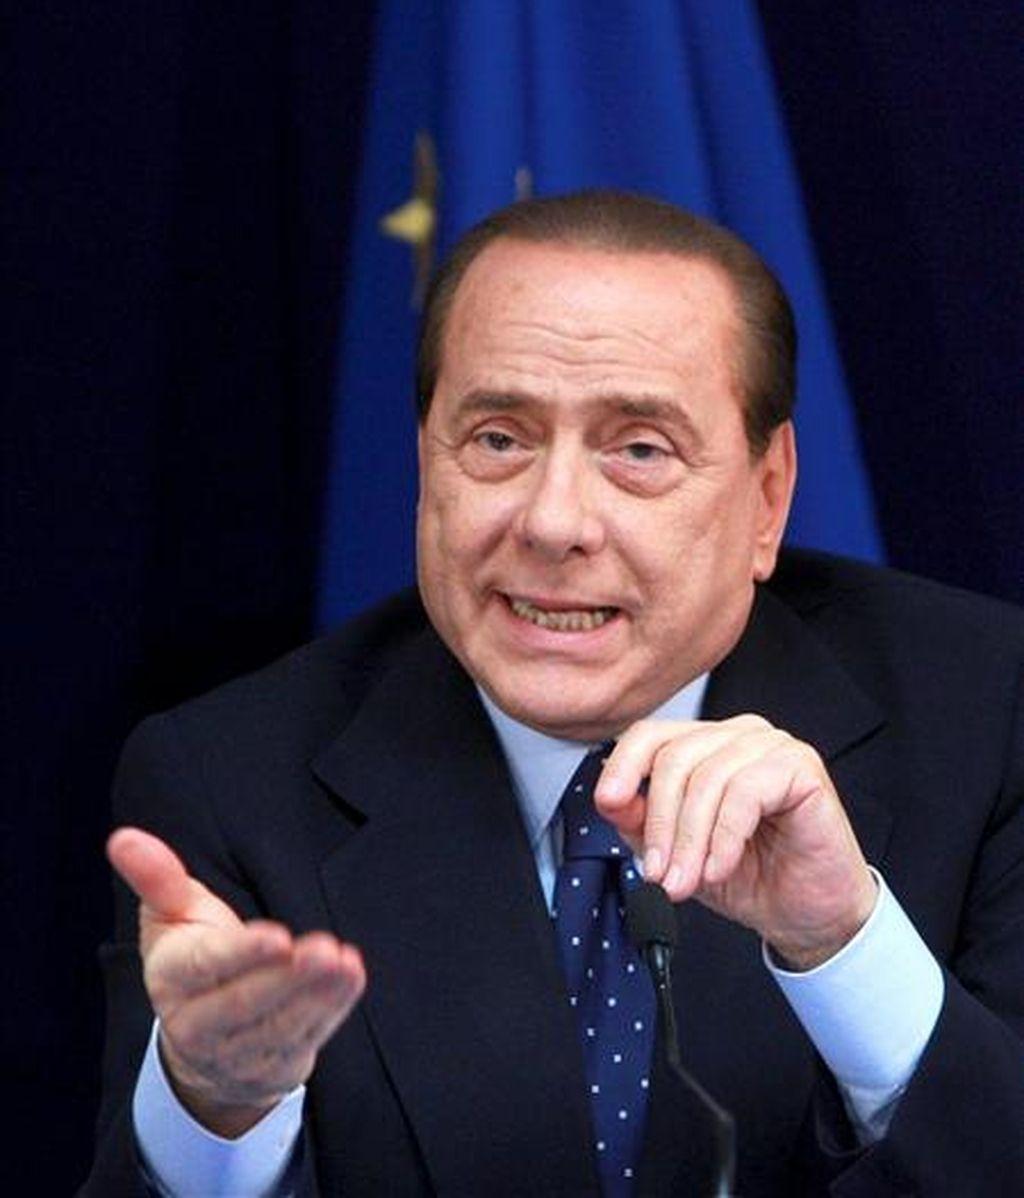 De confirmarse, este resultado supone un triunfo para la Liga Norte (LN), el partido aliado del primer ministro, Silvio Berlusconi (en la imagen), contrario al referendo, así como del opositor Italia de los Valores (IDV), del ex magistrado Antonio Di Pietro. EFE/Archivo